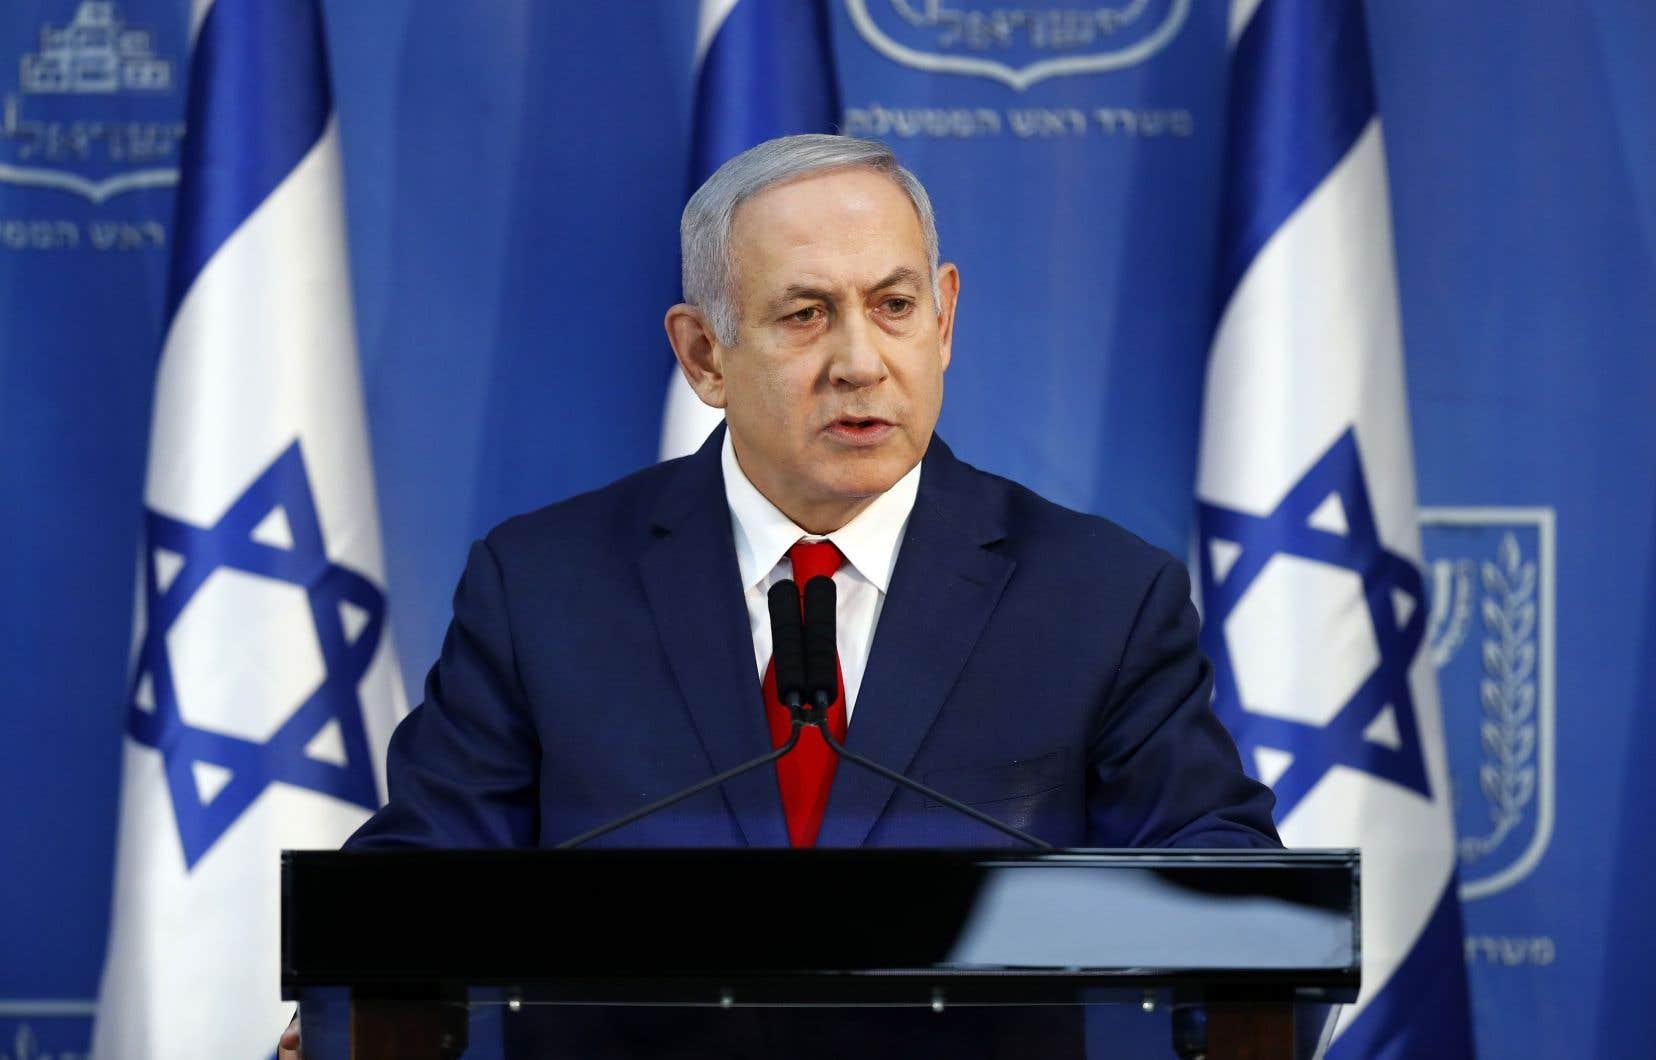 Le premier ministre d'Israël, Benjamin Nétanyahou, lors de son message à la Nation transmis à la télévision, dimanche, à Tel Aviv